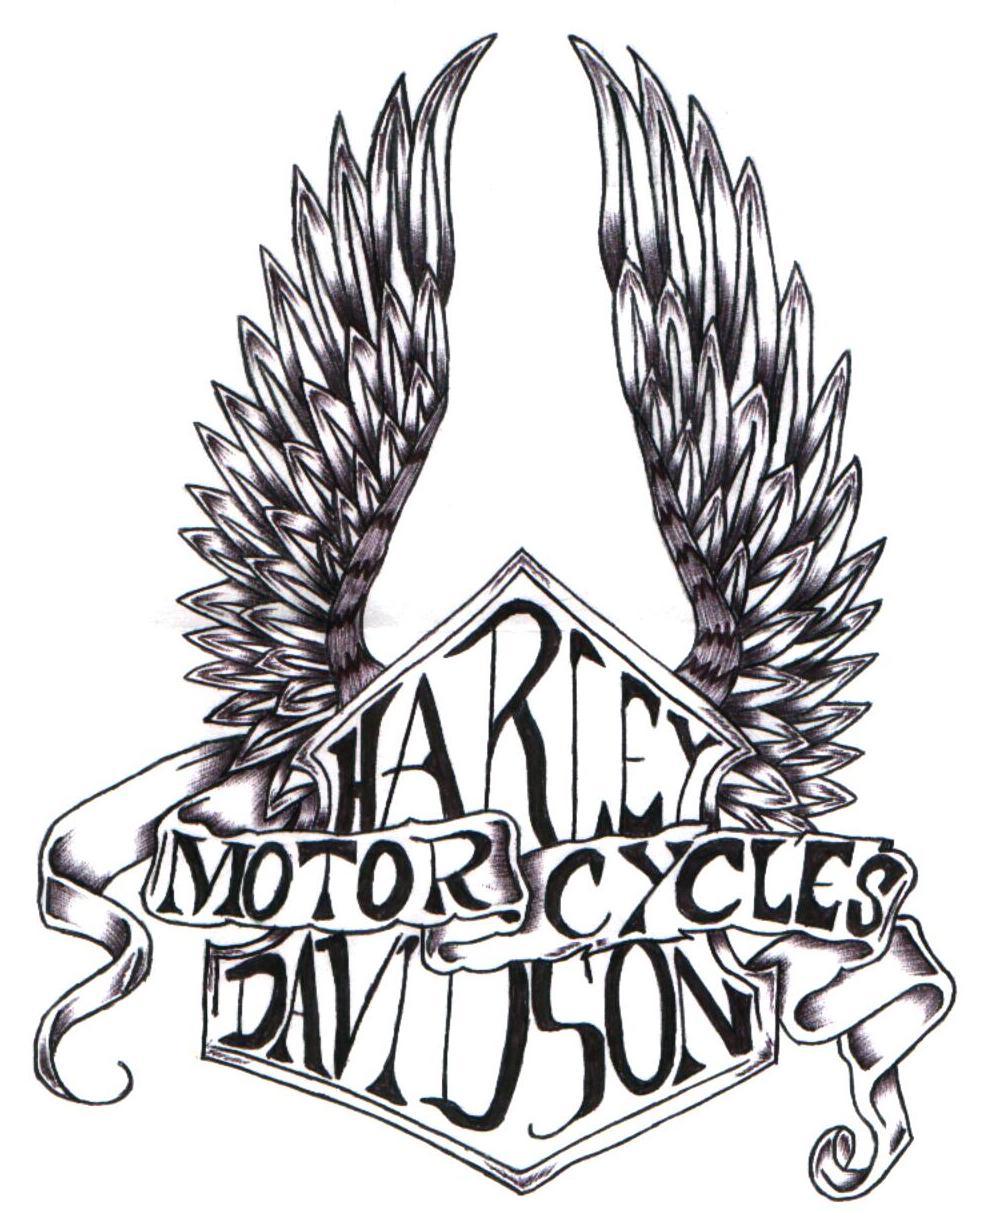 harley davidson logo drawing at getdrawings com